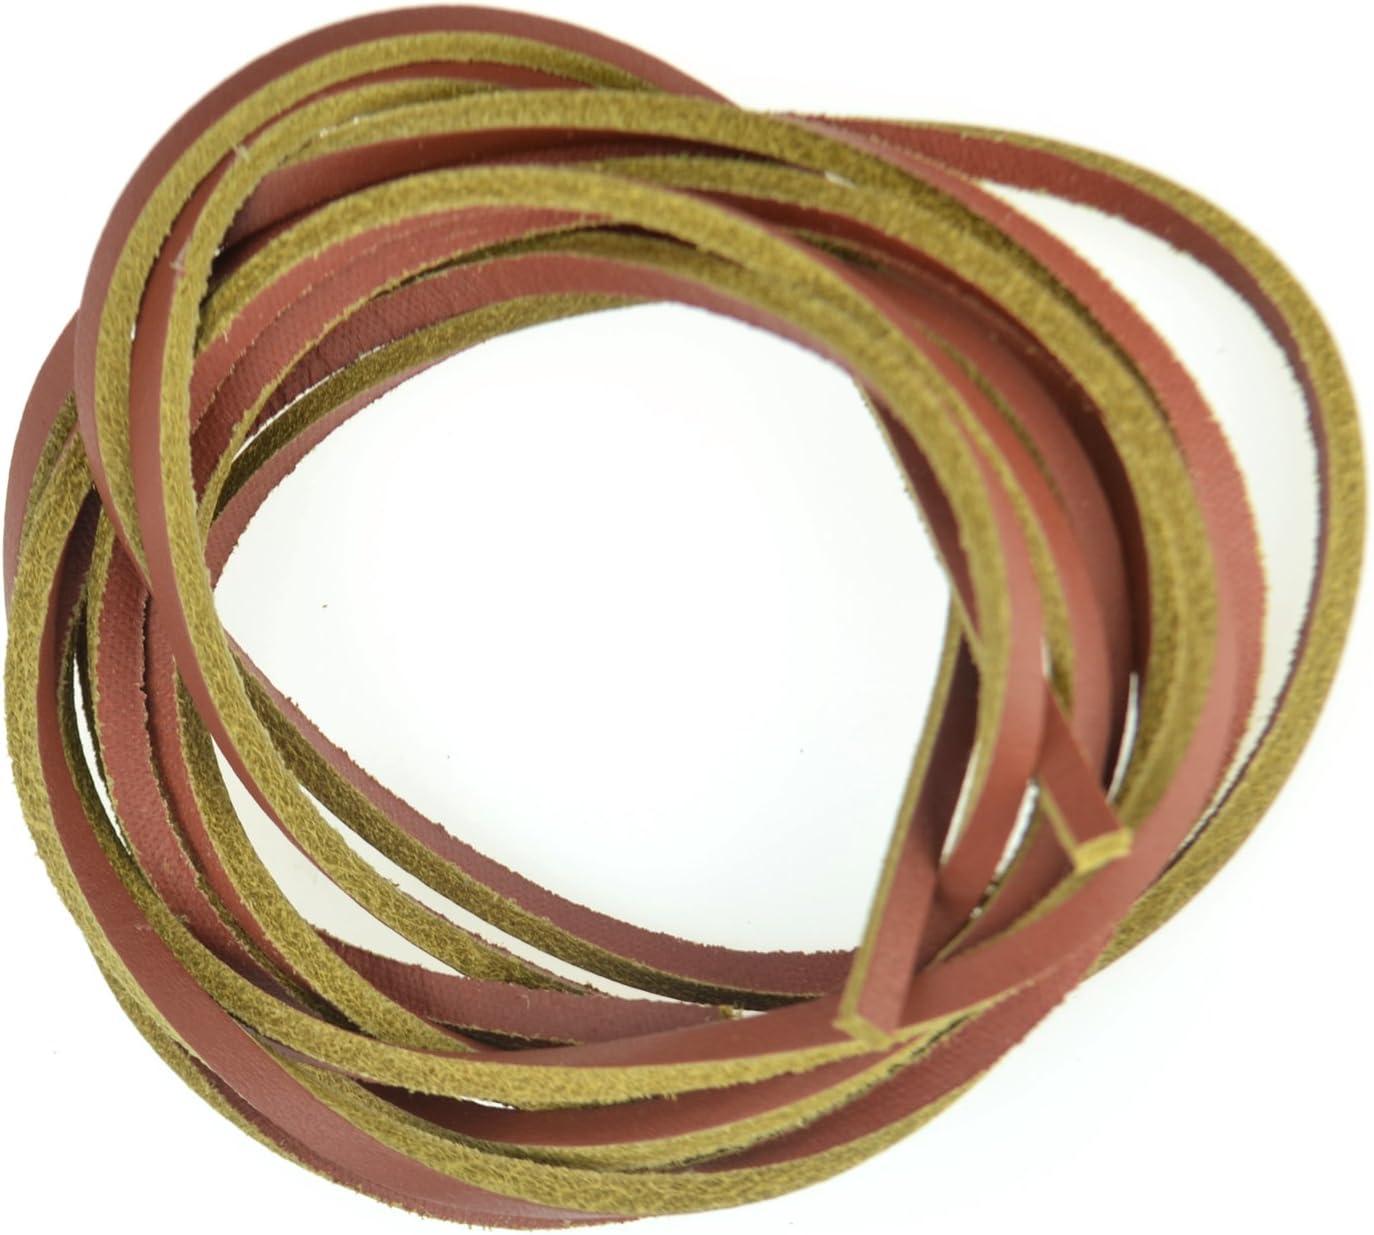 Cordón de zapato de cuero - Timberland estilo